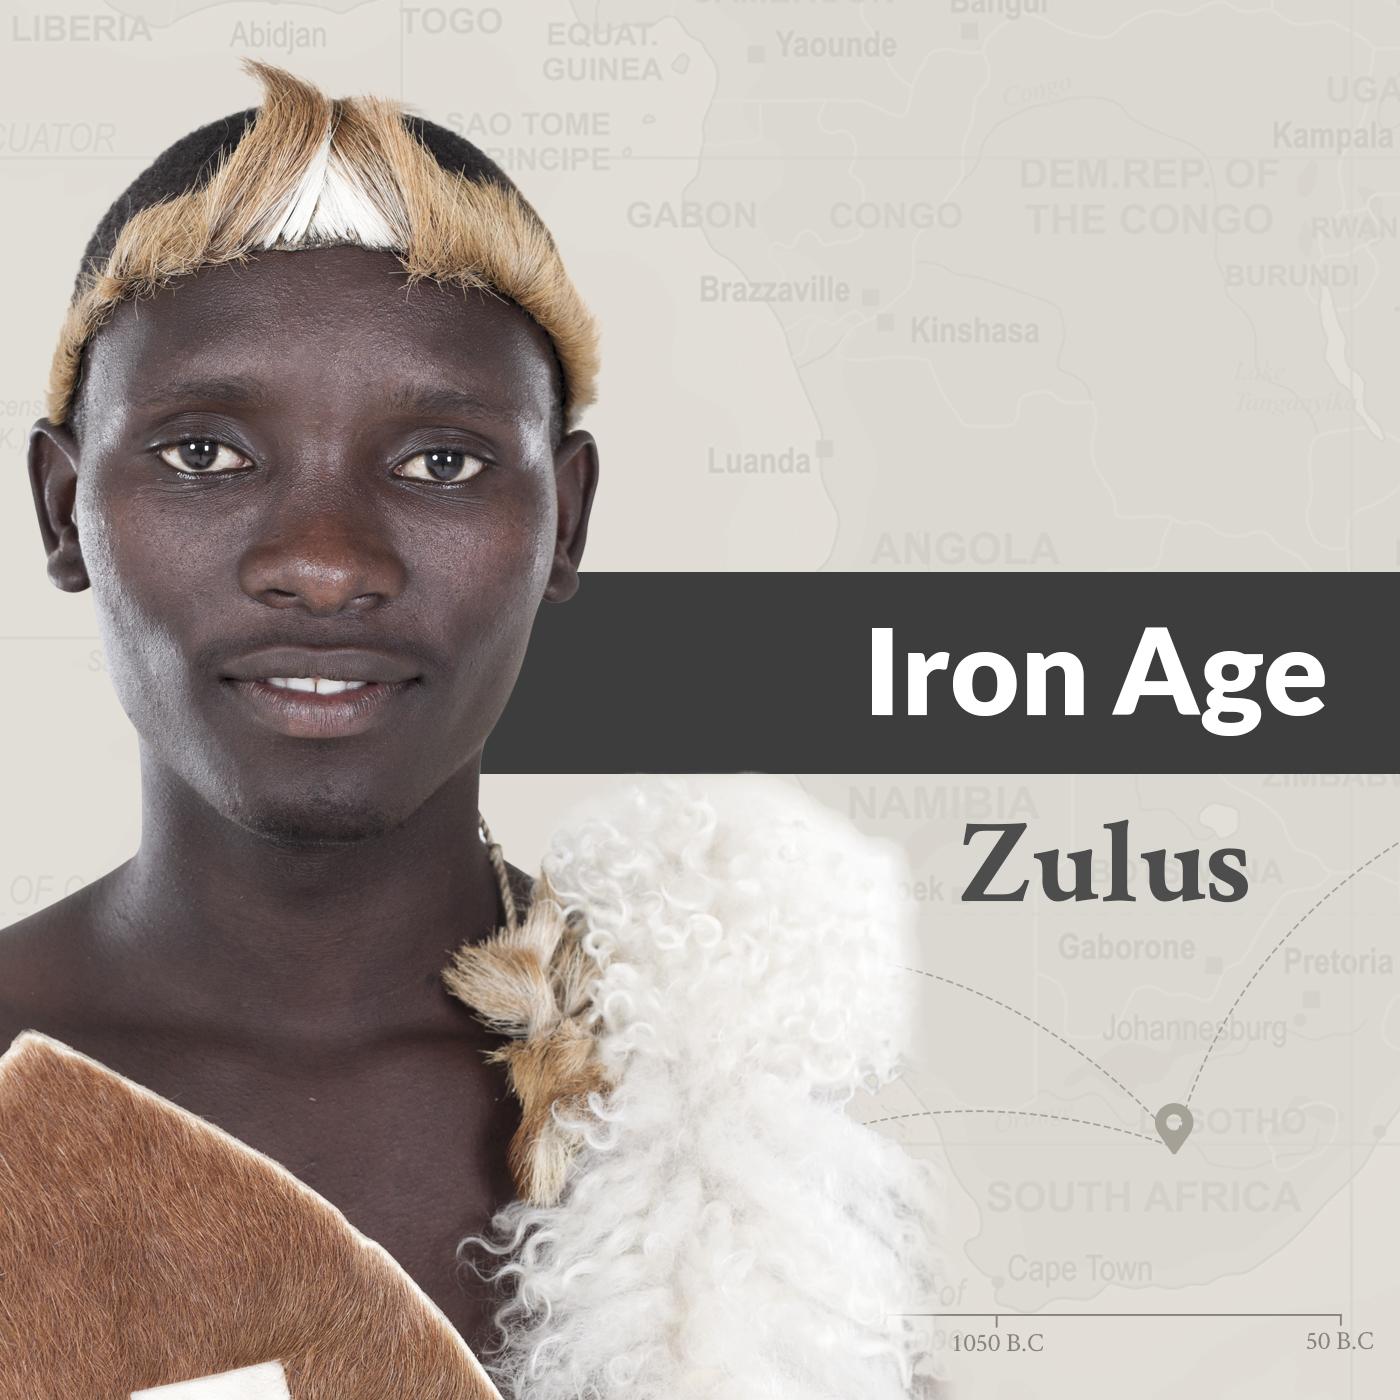 Iron Age Zulus